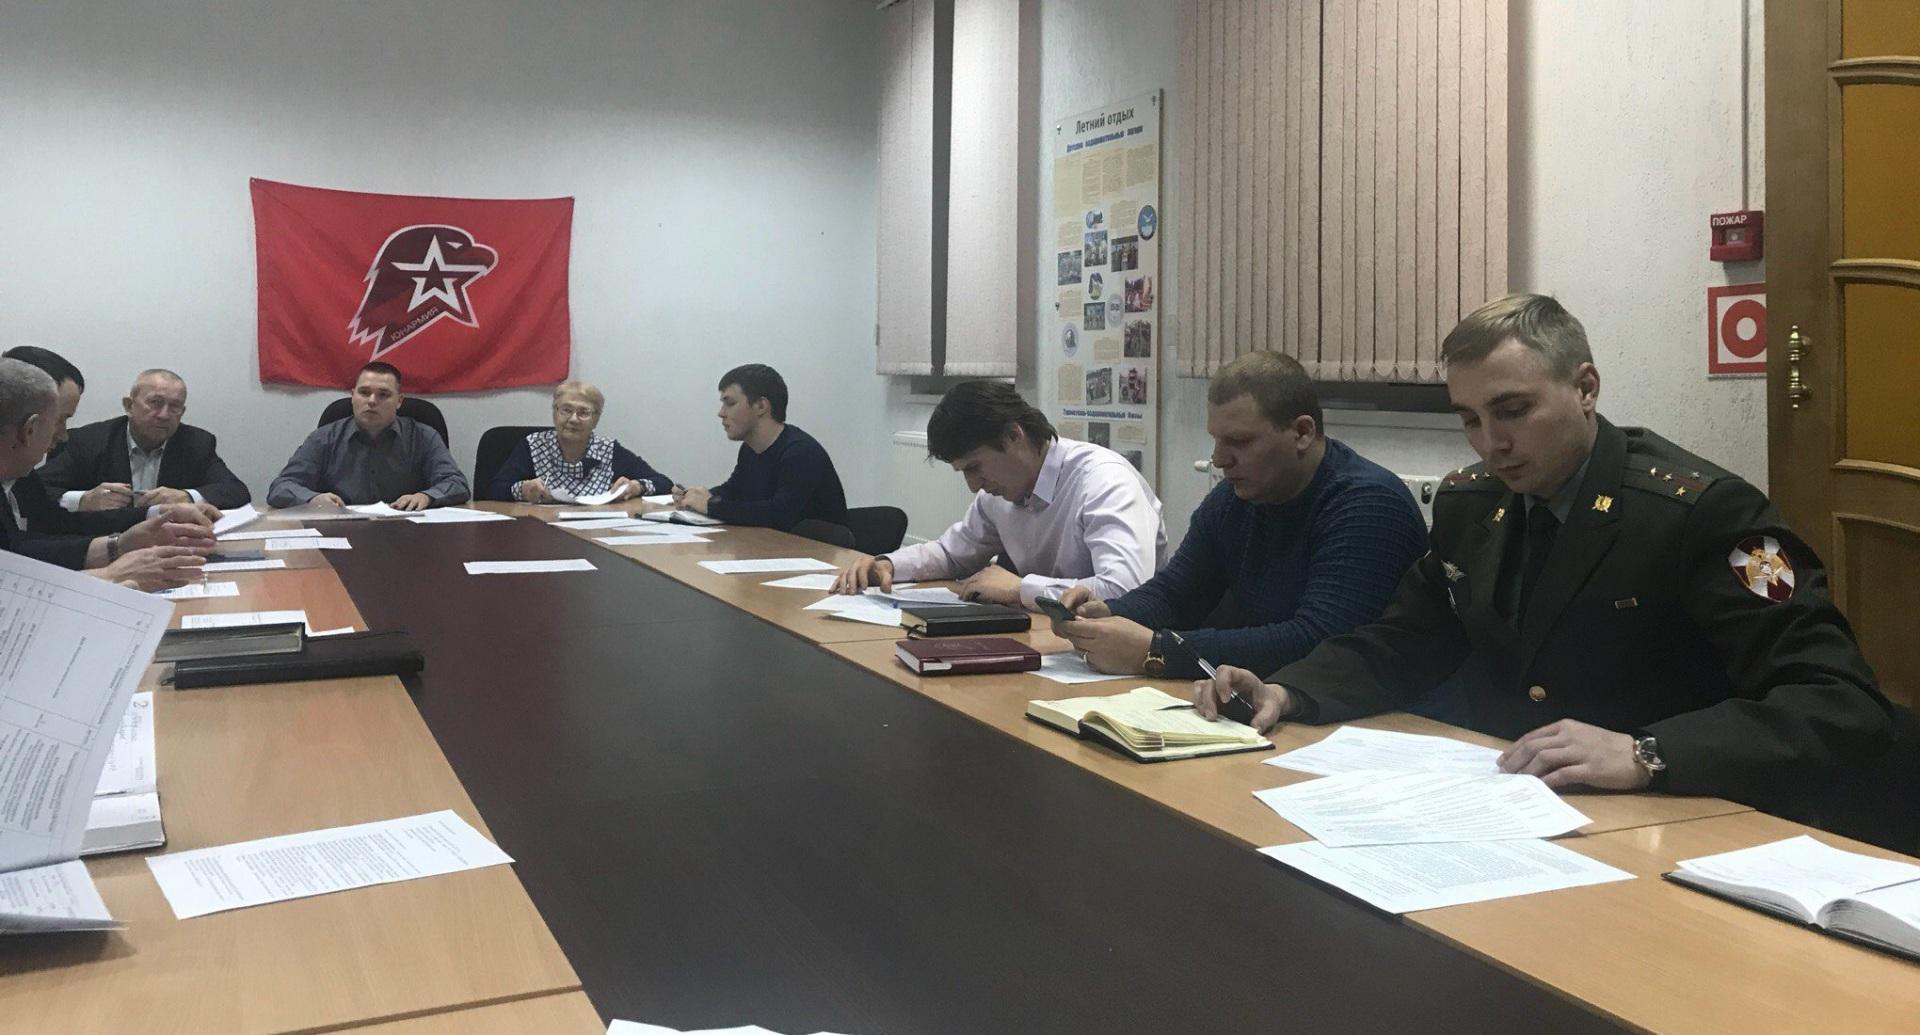 Штаб юнармейцев в Сыктывкаре подвел итоги работы за прошлый год